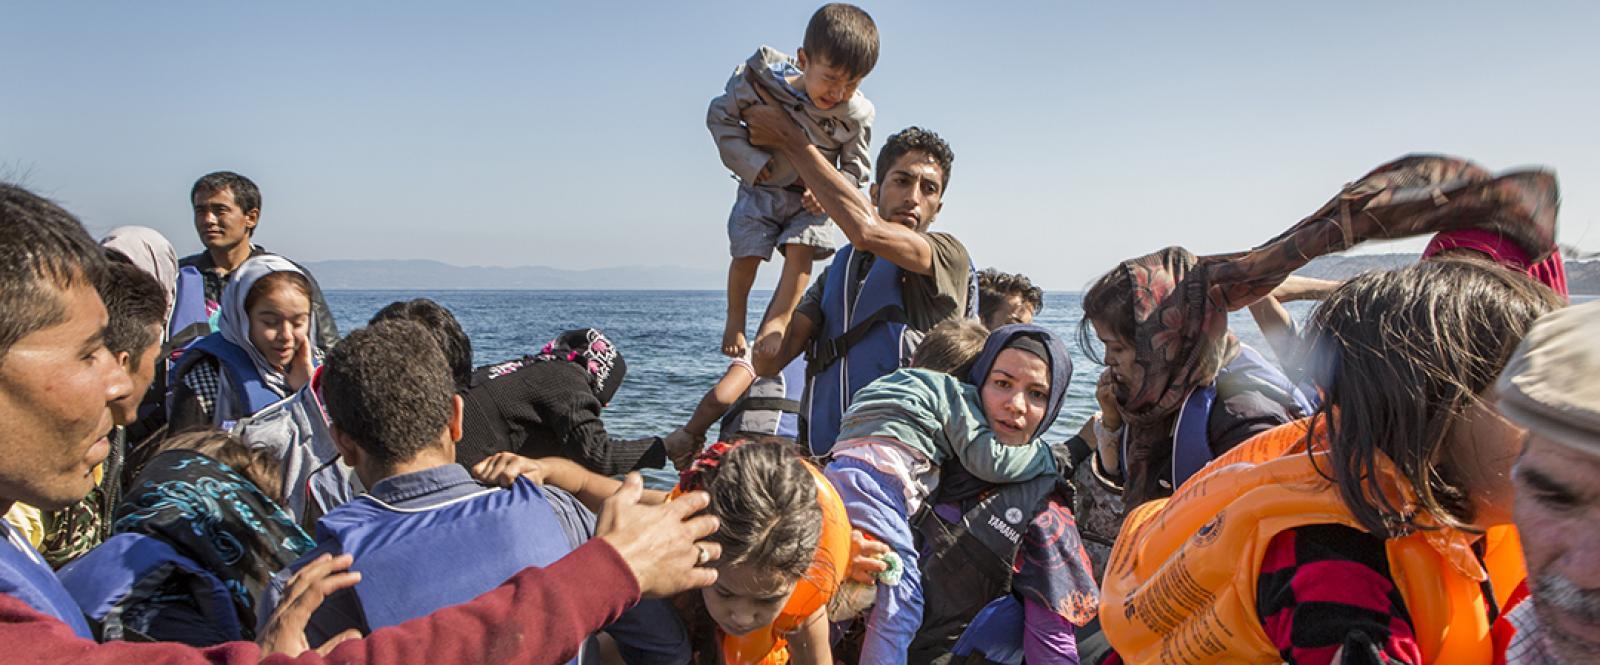 20 de Junho – Dia Mundial do Refugiado